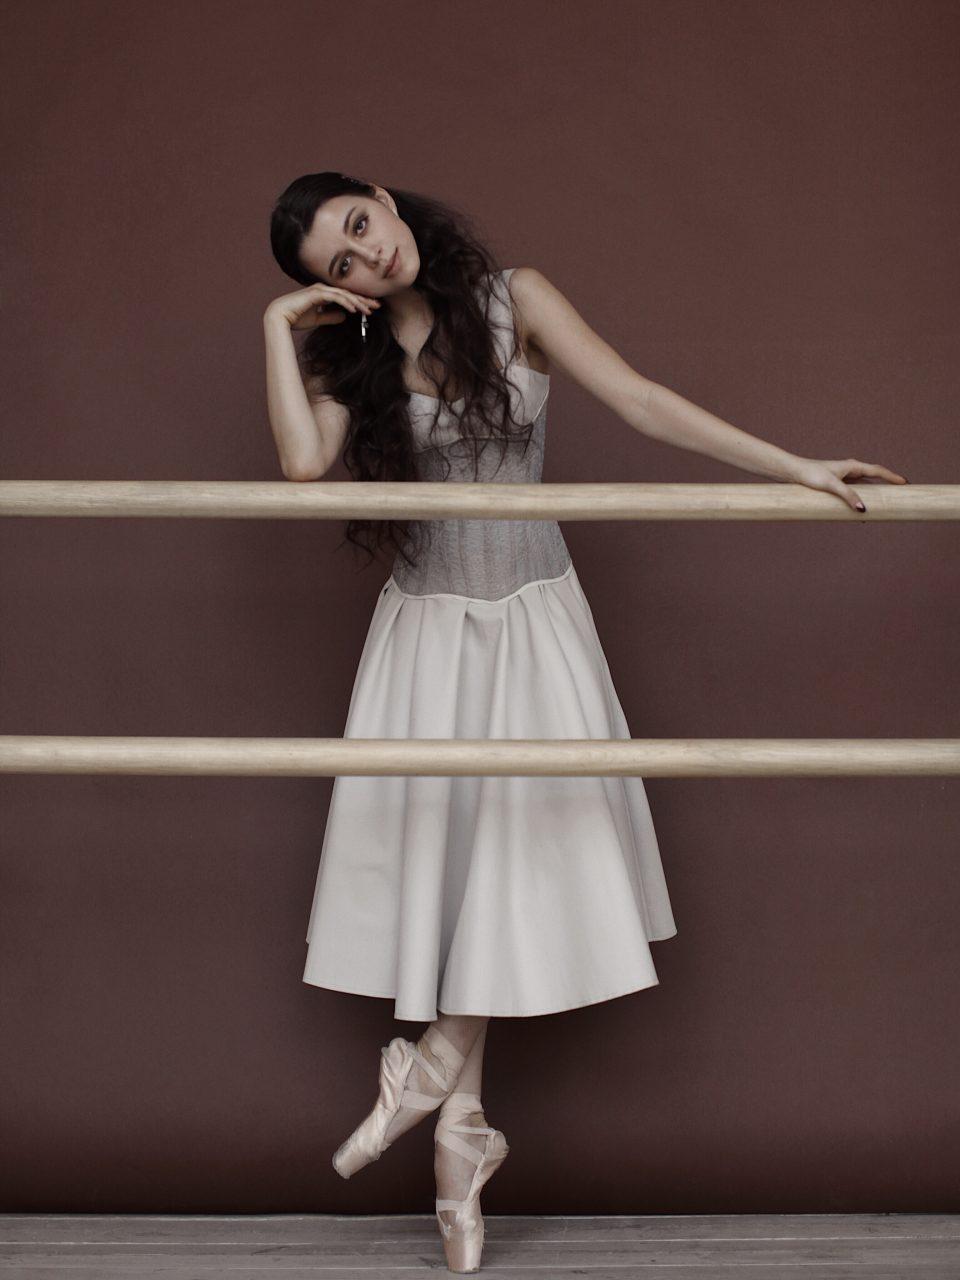 Гореть и танцевать. Анастасия Лименько.